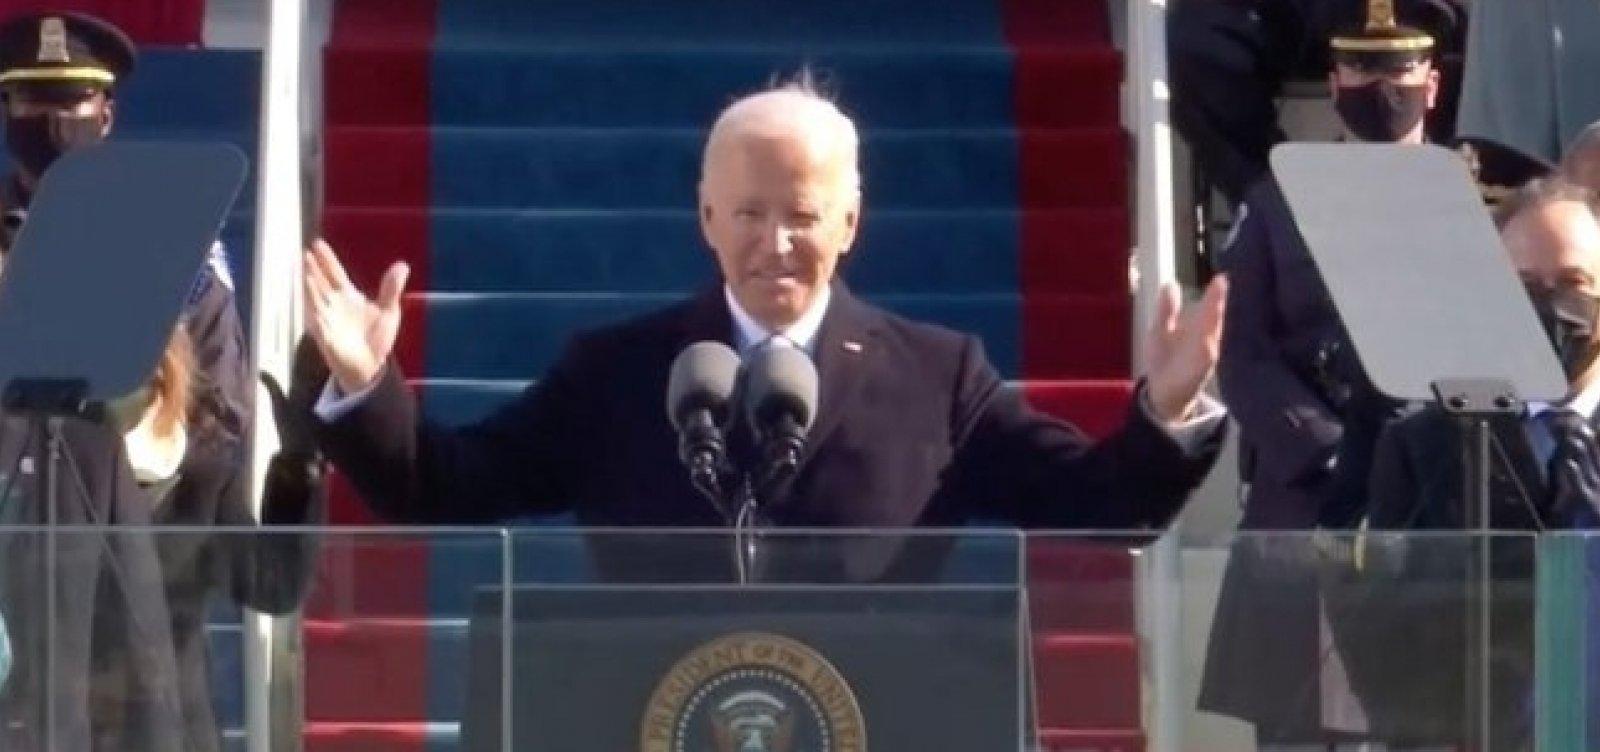 Biden toma posse como presidente dos Estados Unidos